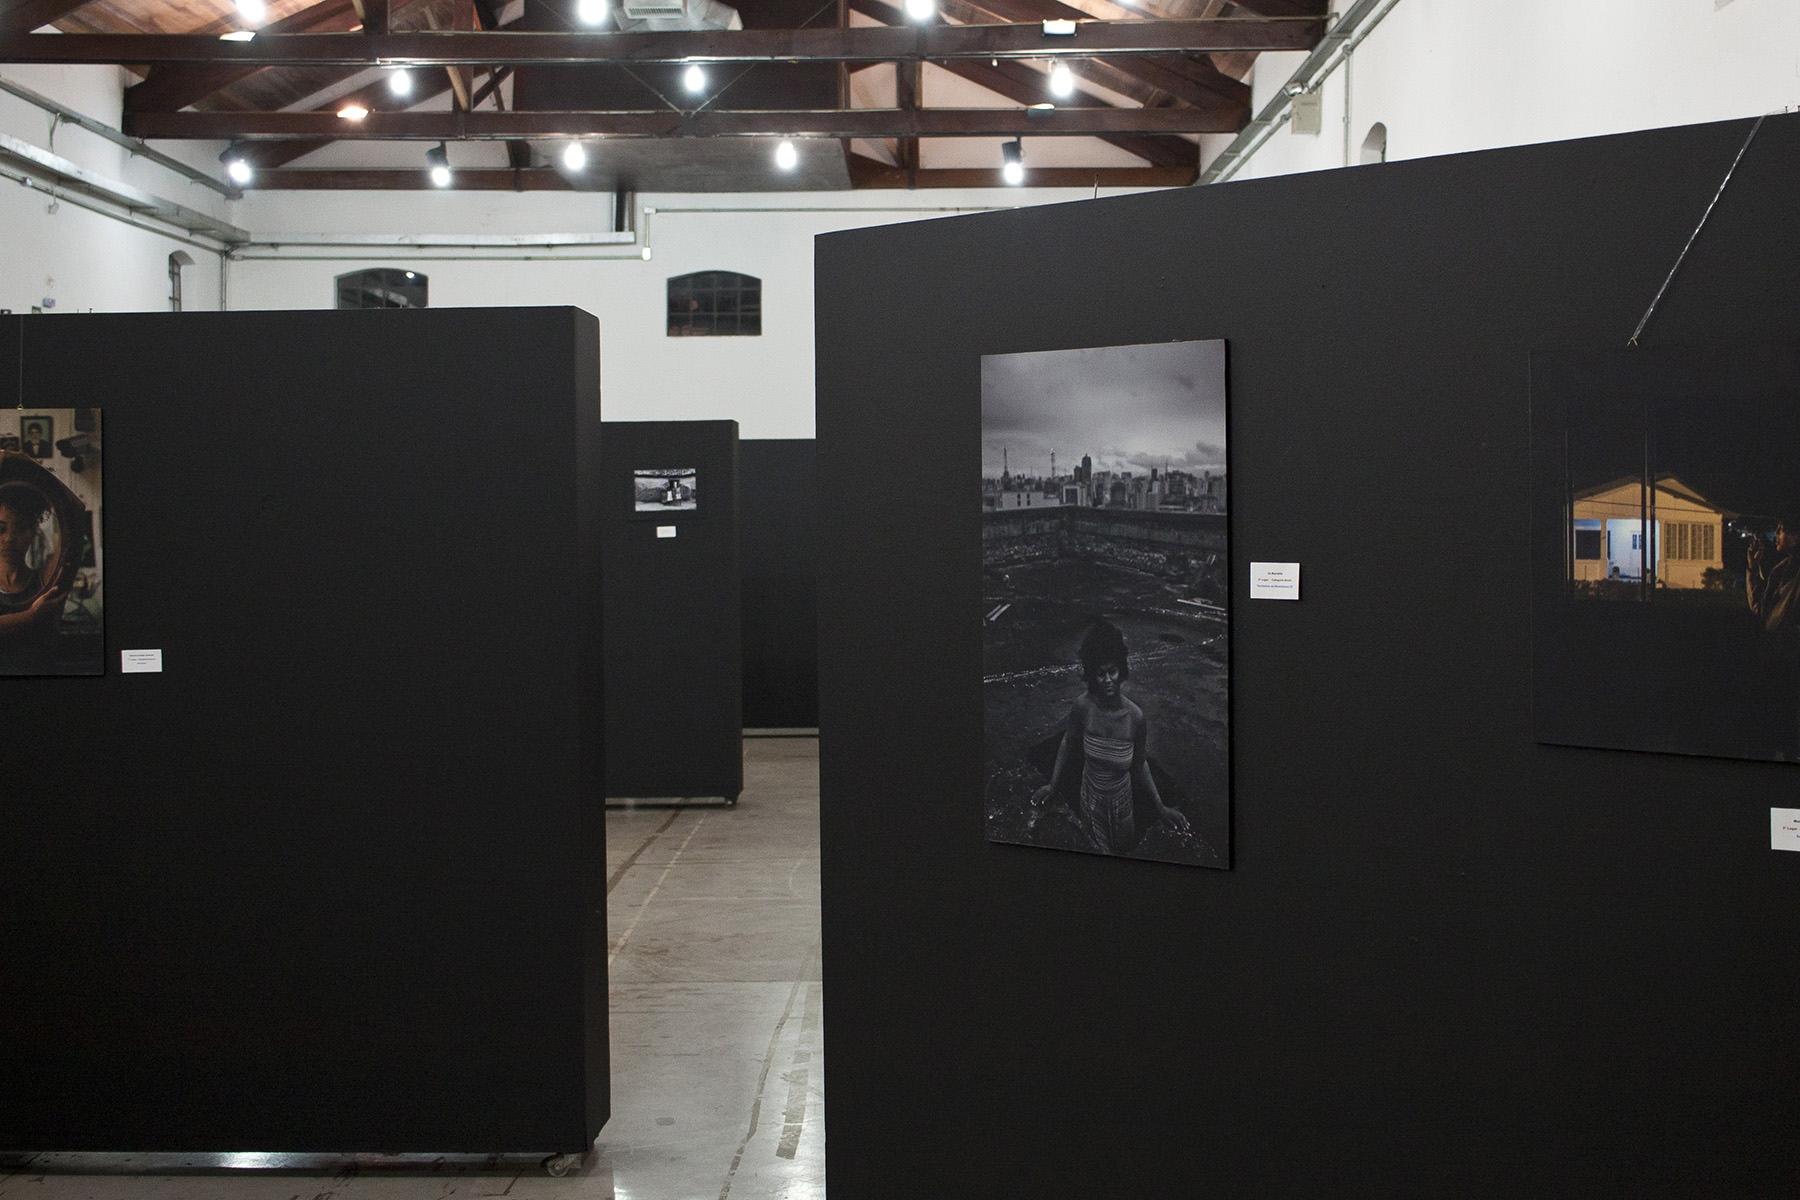 Exposição coletiva no 15º Salão de Fotografia Persio Galembeck (Araras, 2018) / Collective exhibition at 15º Photography Saloon Persio Galembeck (Araras, 2018)